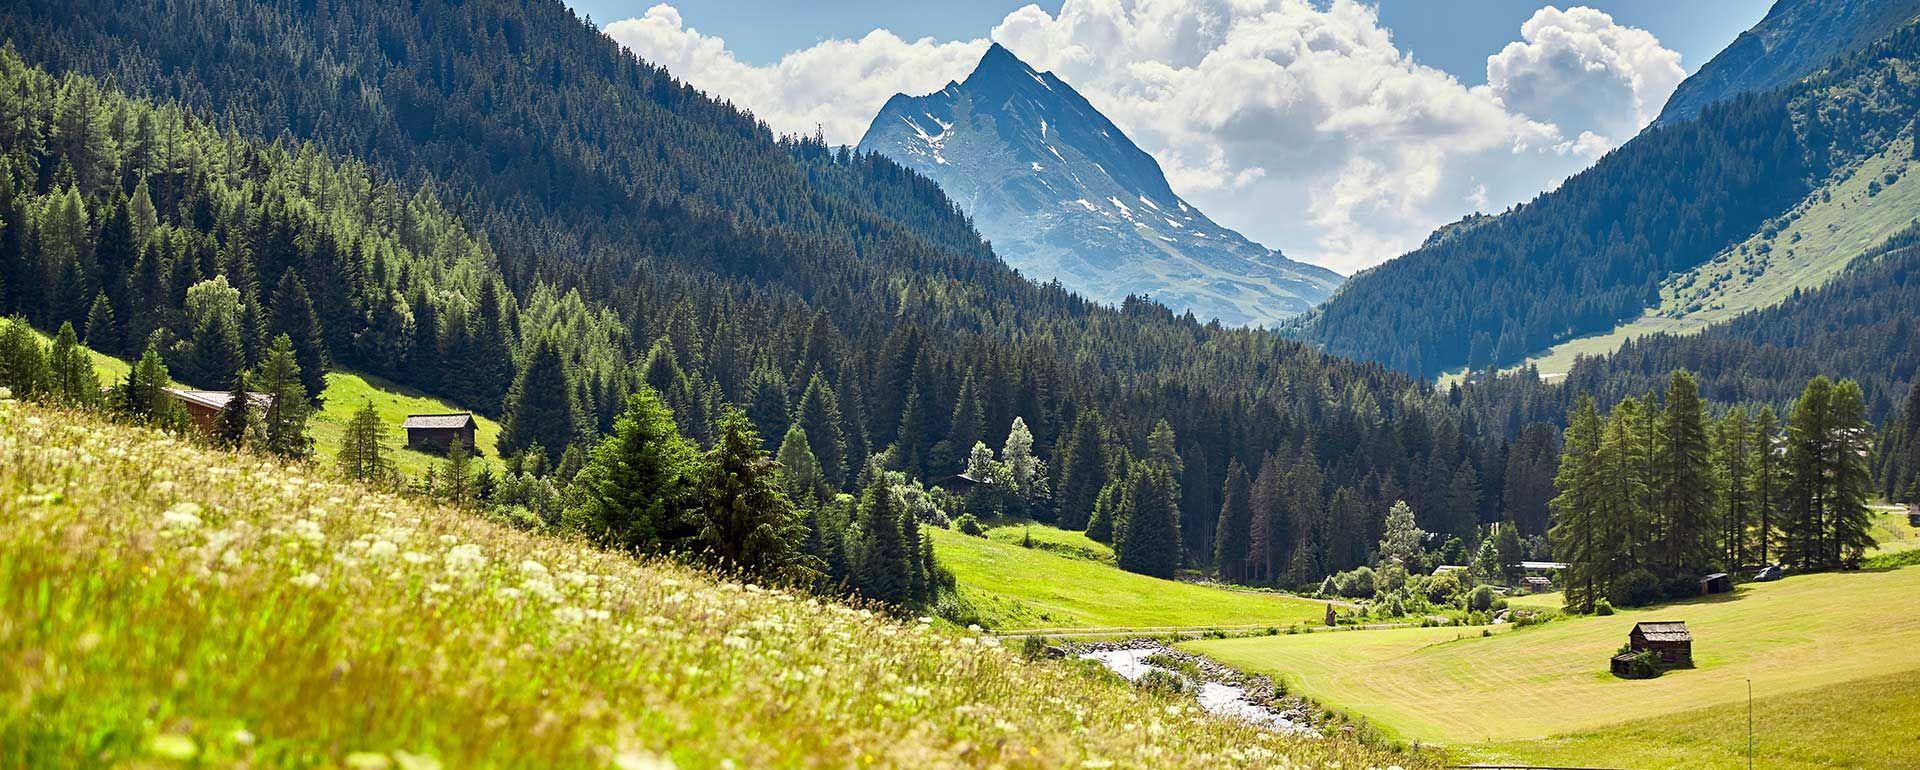 Sommerurlaub Galtür Erster Luftkurort in Tirol